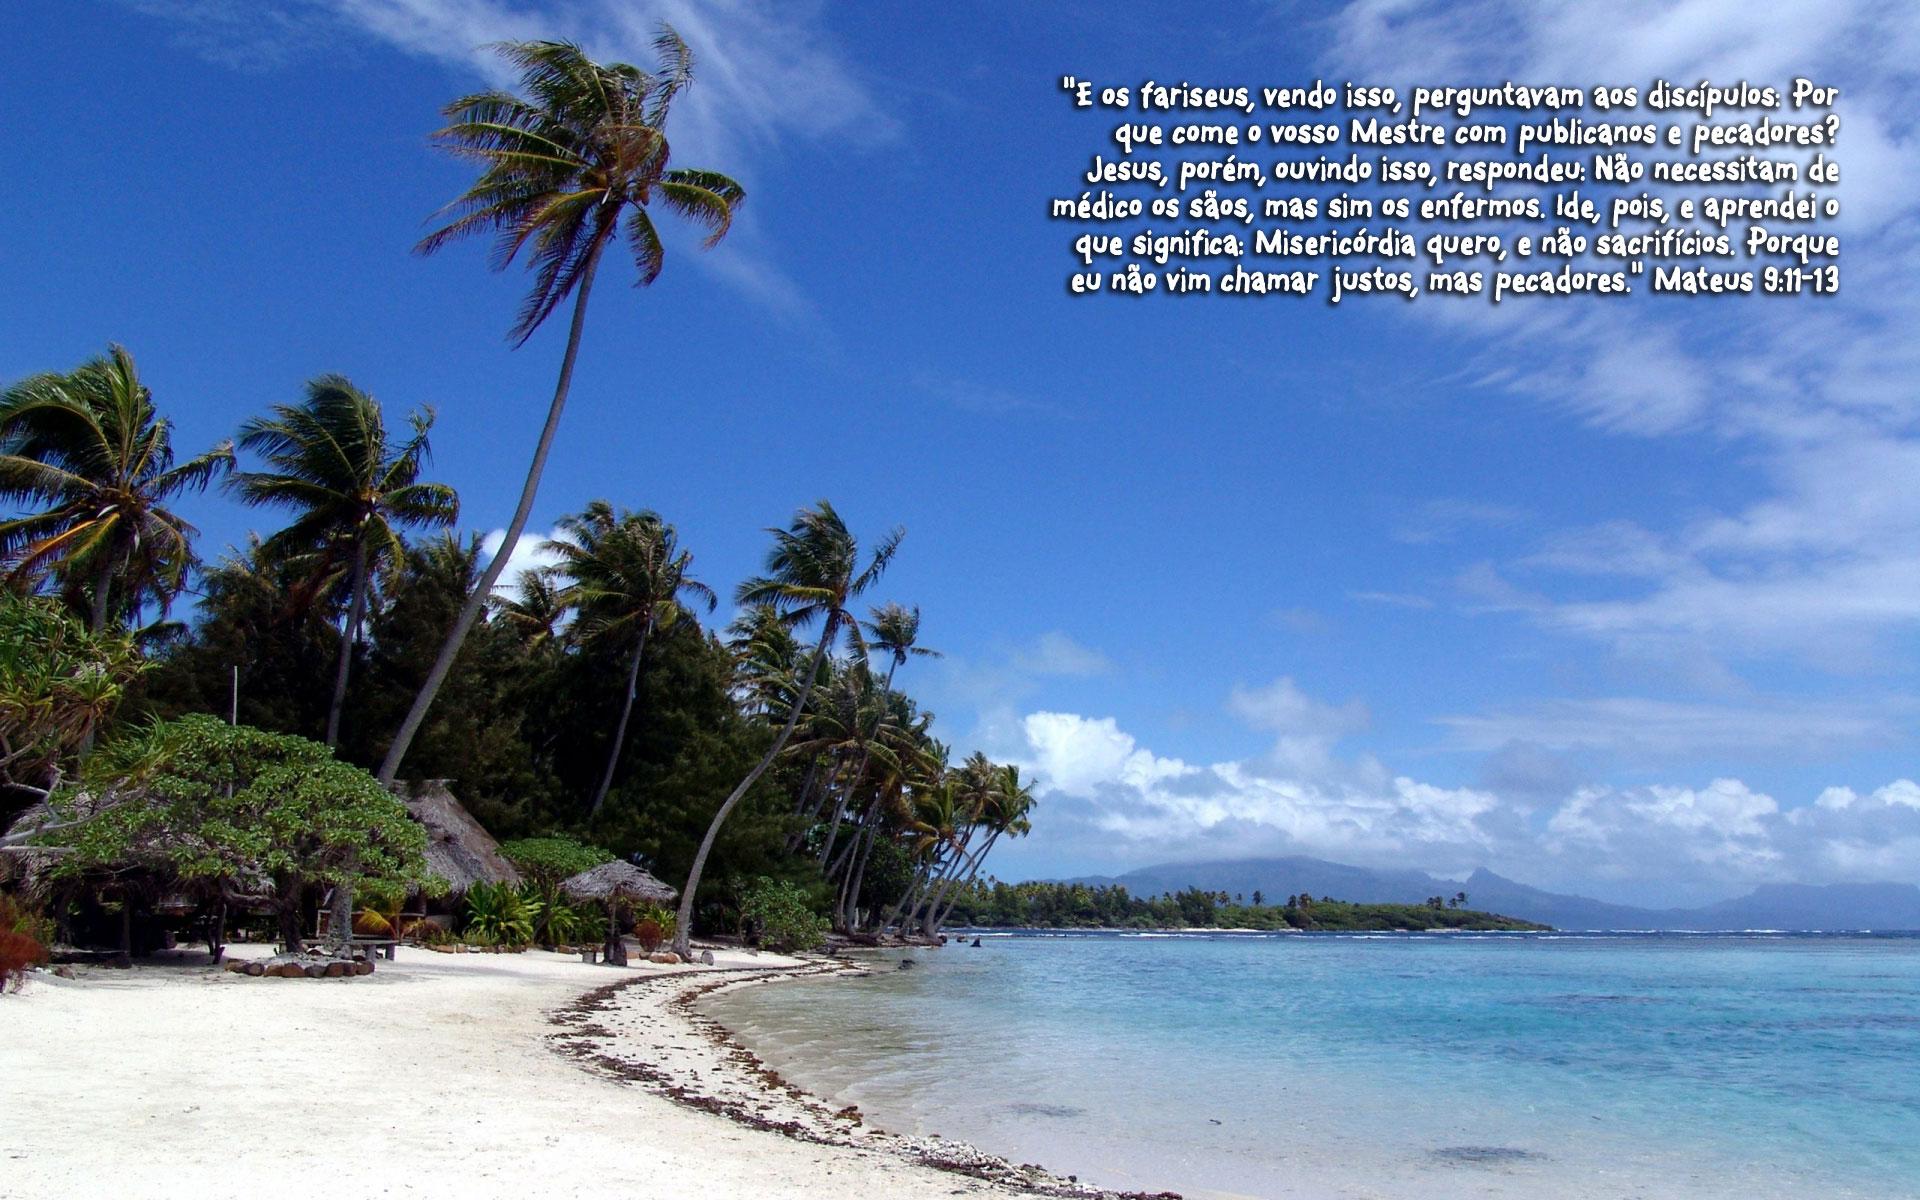 http://www.devocionaldiario.com.br/imagens/polynesian_beach_w.jpg